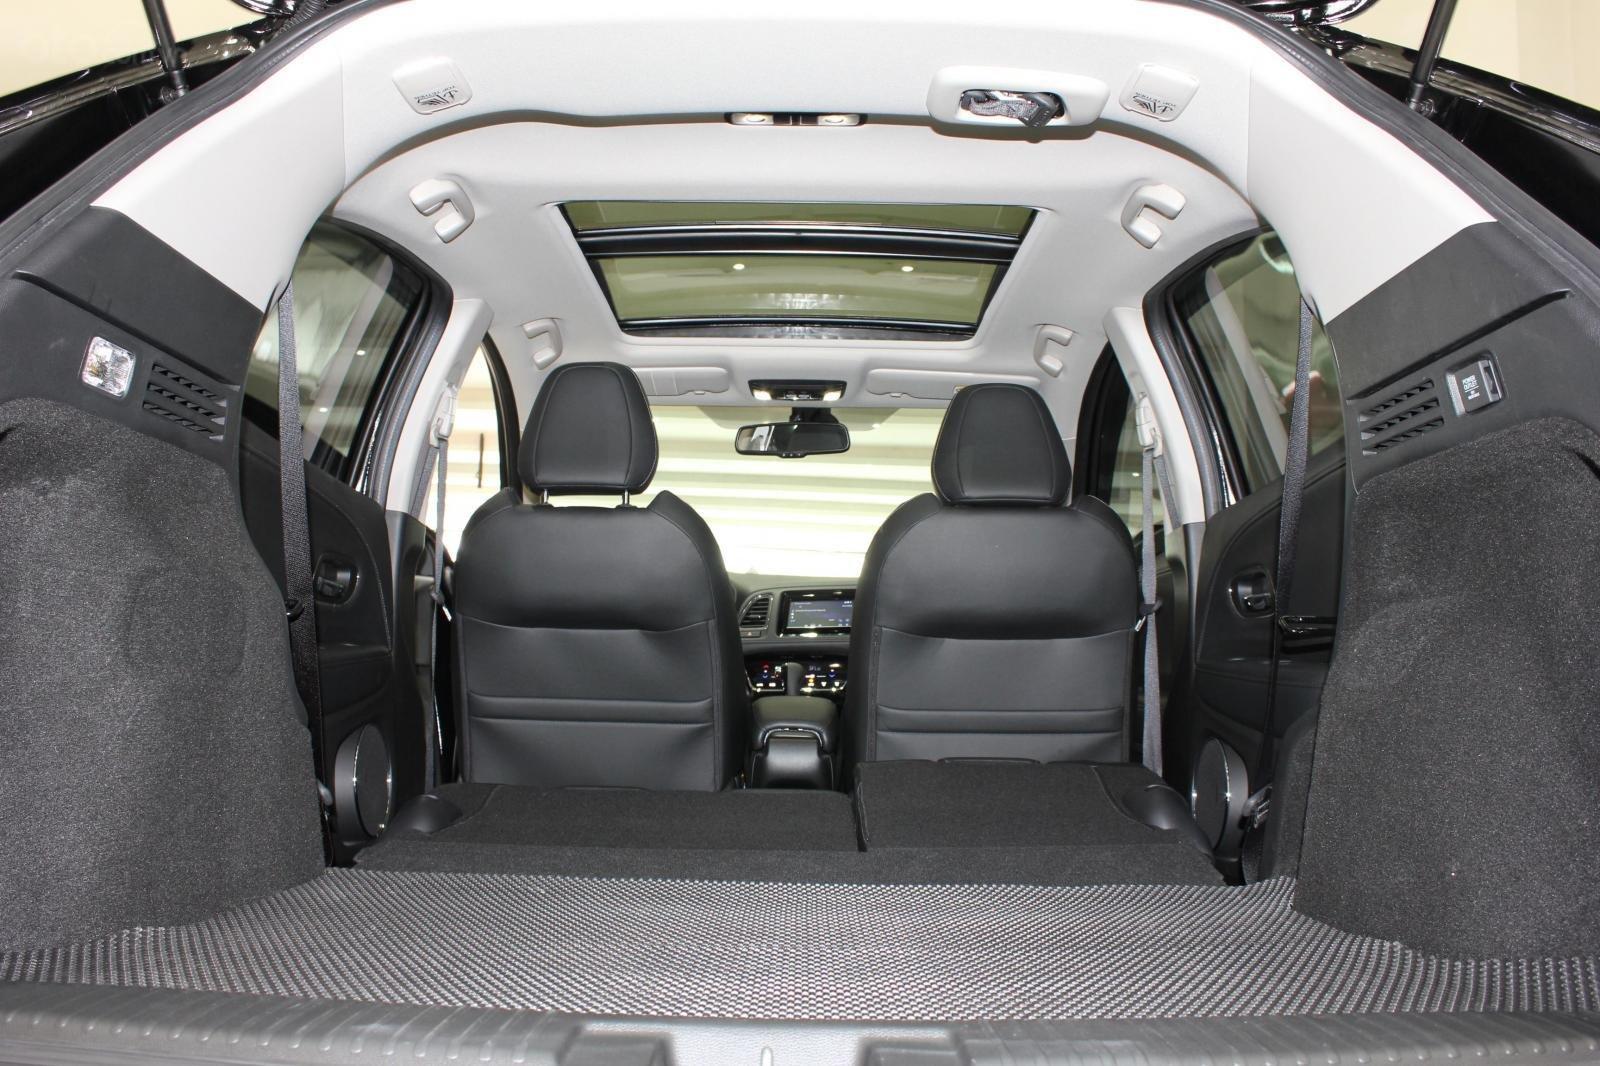 Cần bán xe Honda HR-V bản L 1.8AT SX 2018, màu đen, nhập Thái, siêu lướt 1300km, biển SG (19)